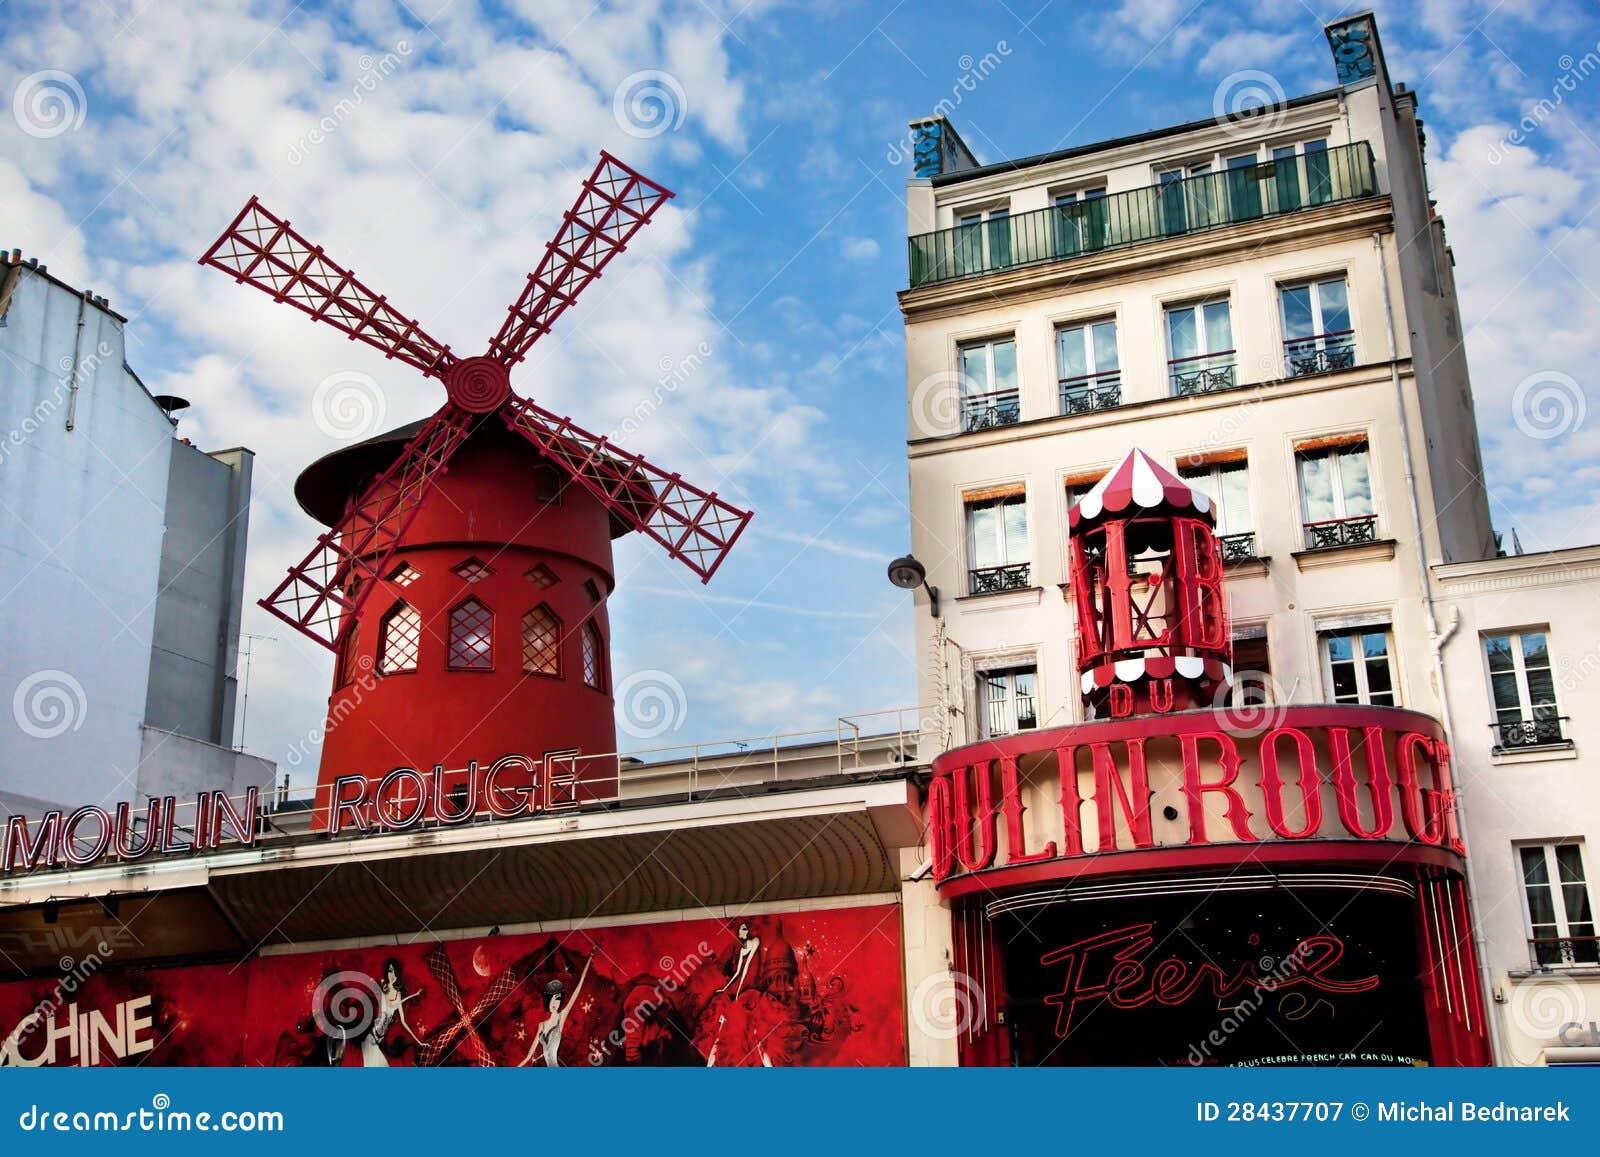 Cabaret du Moulin rouge. Paris, France.